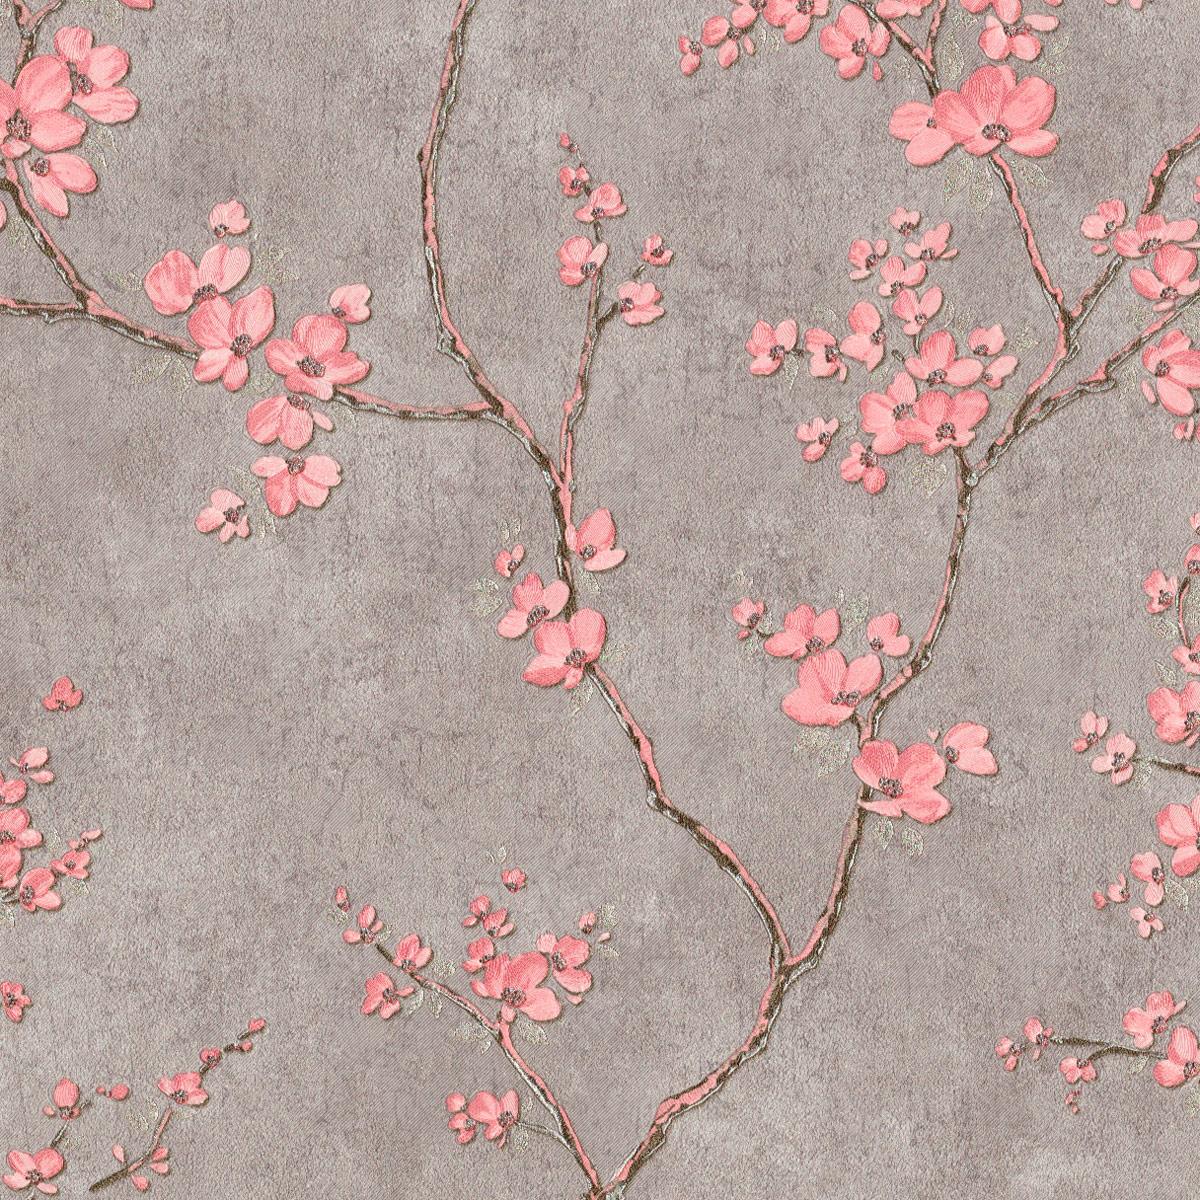 Обои с цветами сакуры в интерьере фото